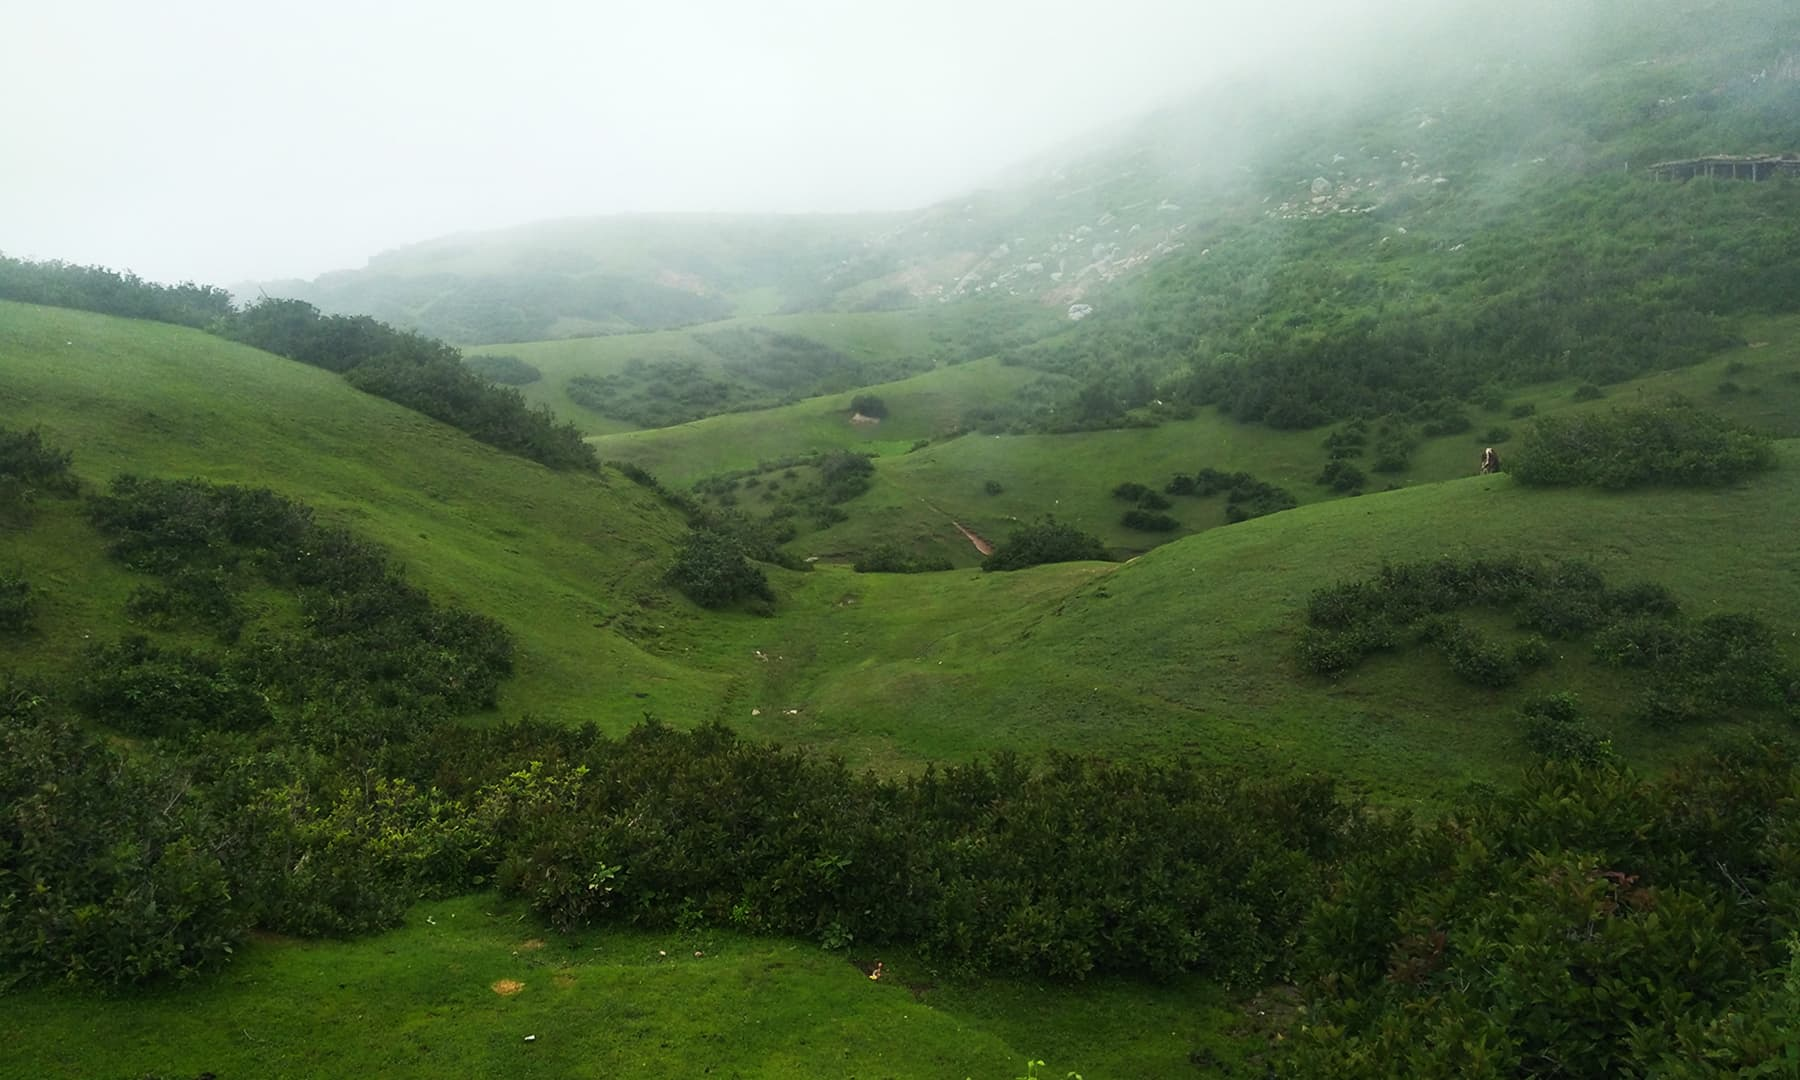 سبز میدانوں کا دلکش نظارہ— عظمت اکبر